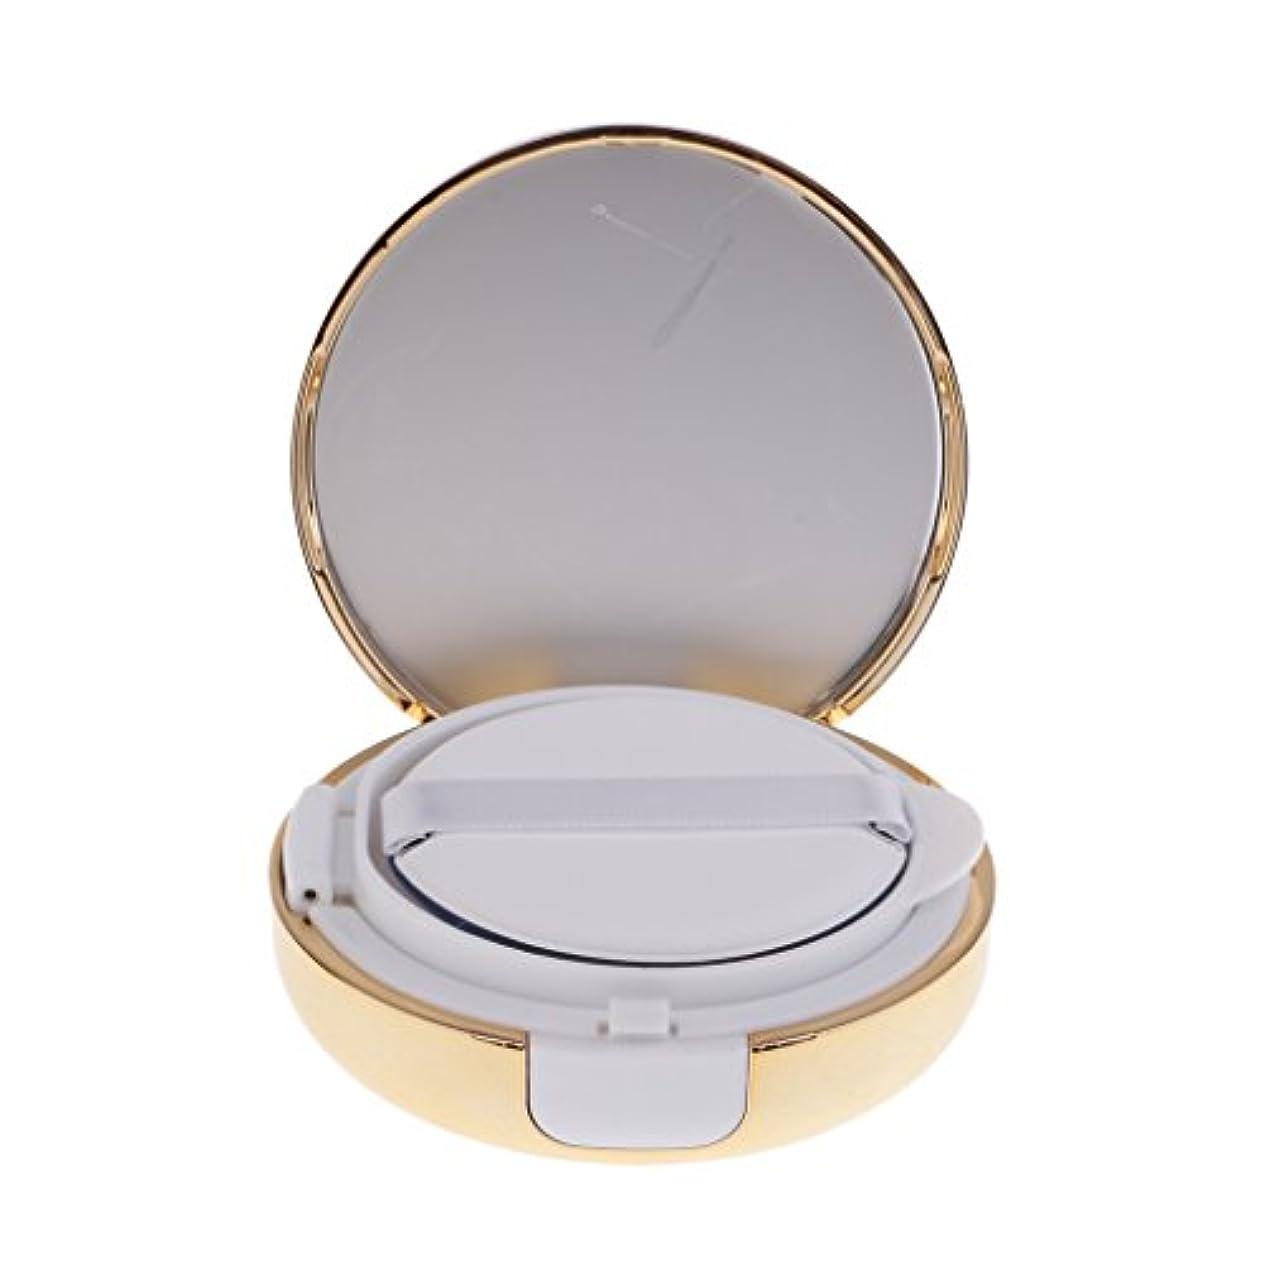 不運ビュッフェ姉妹Kesoto メイクアップ 空パウダーコンテナ ファンデーションケース エアクッション パフ BBクリーム 詰替え 化粧品 DIY プラスチック製 2色選べる - ゴールド